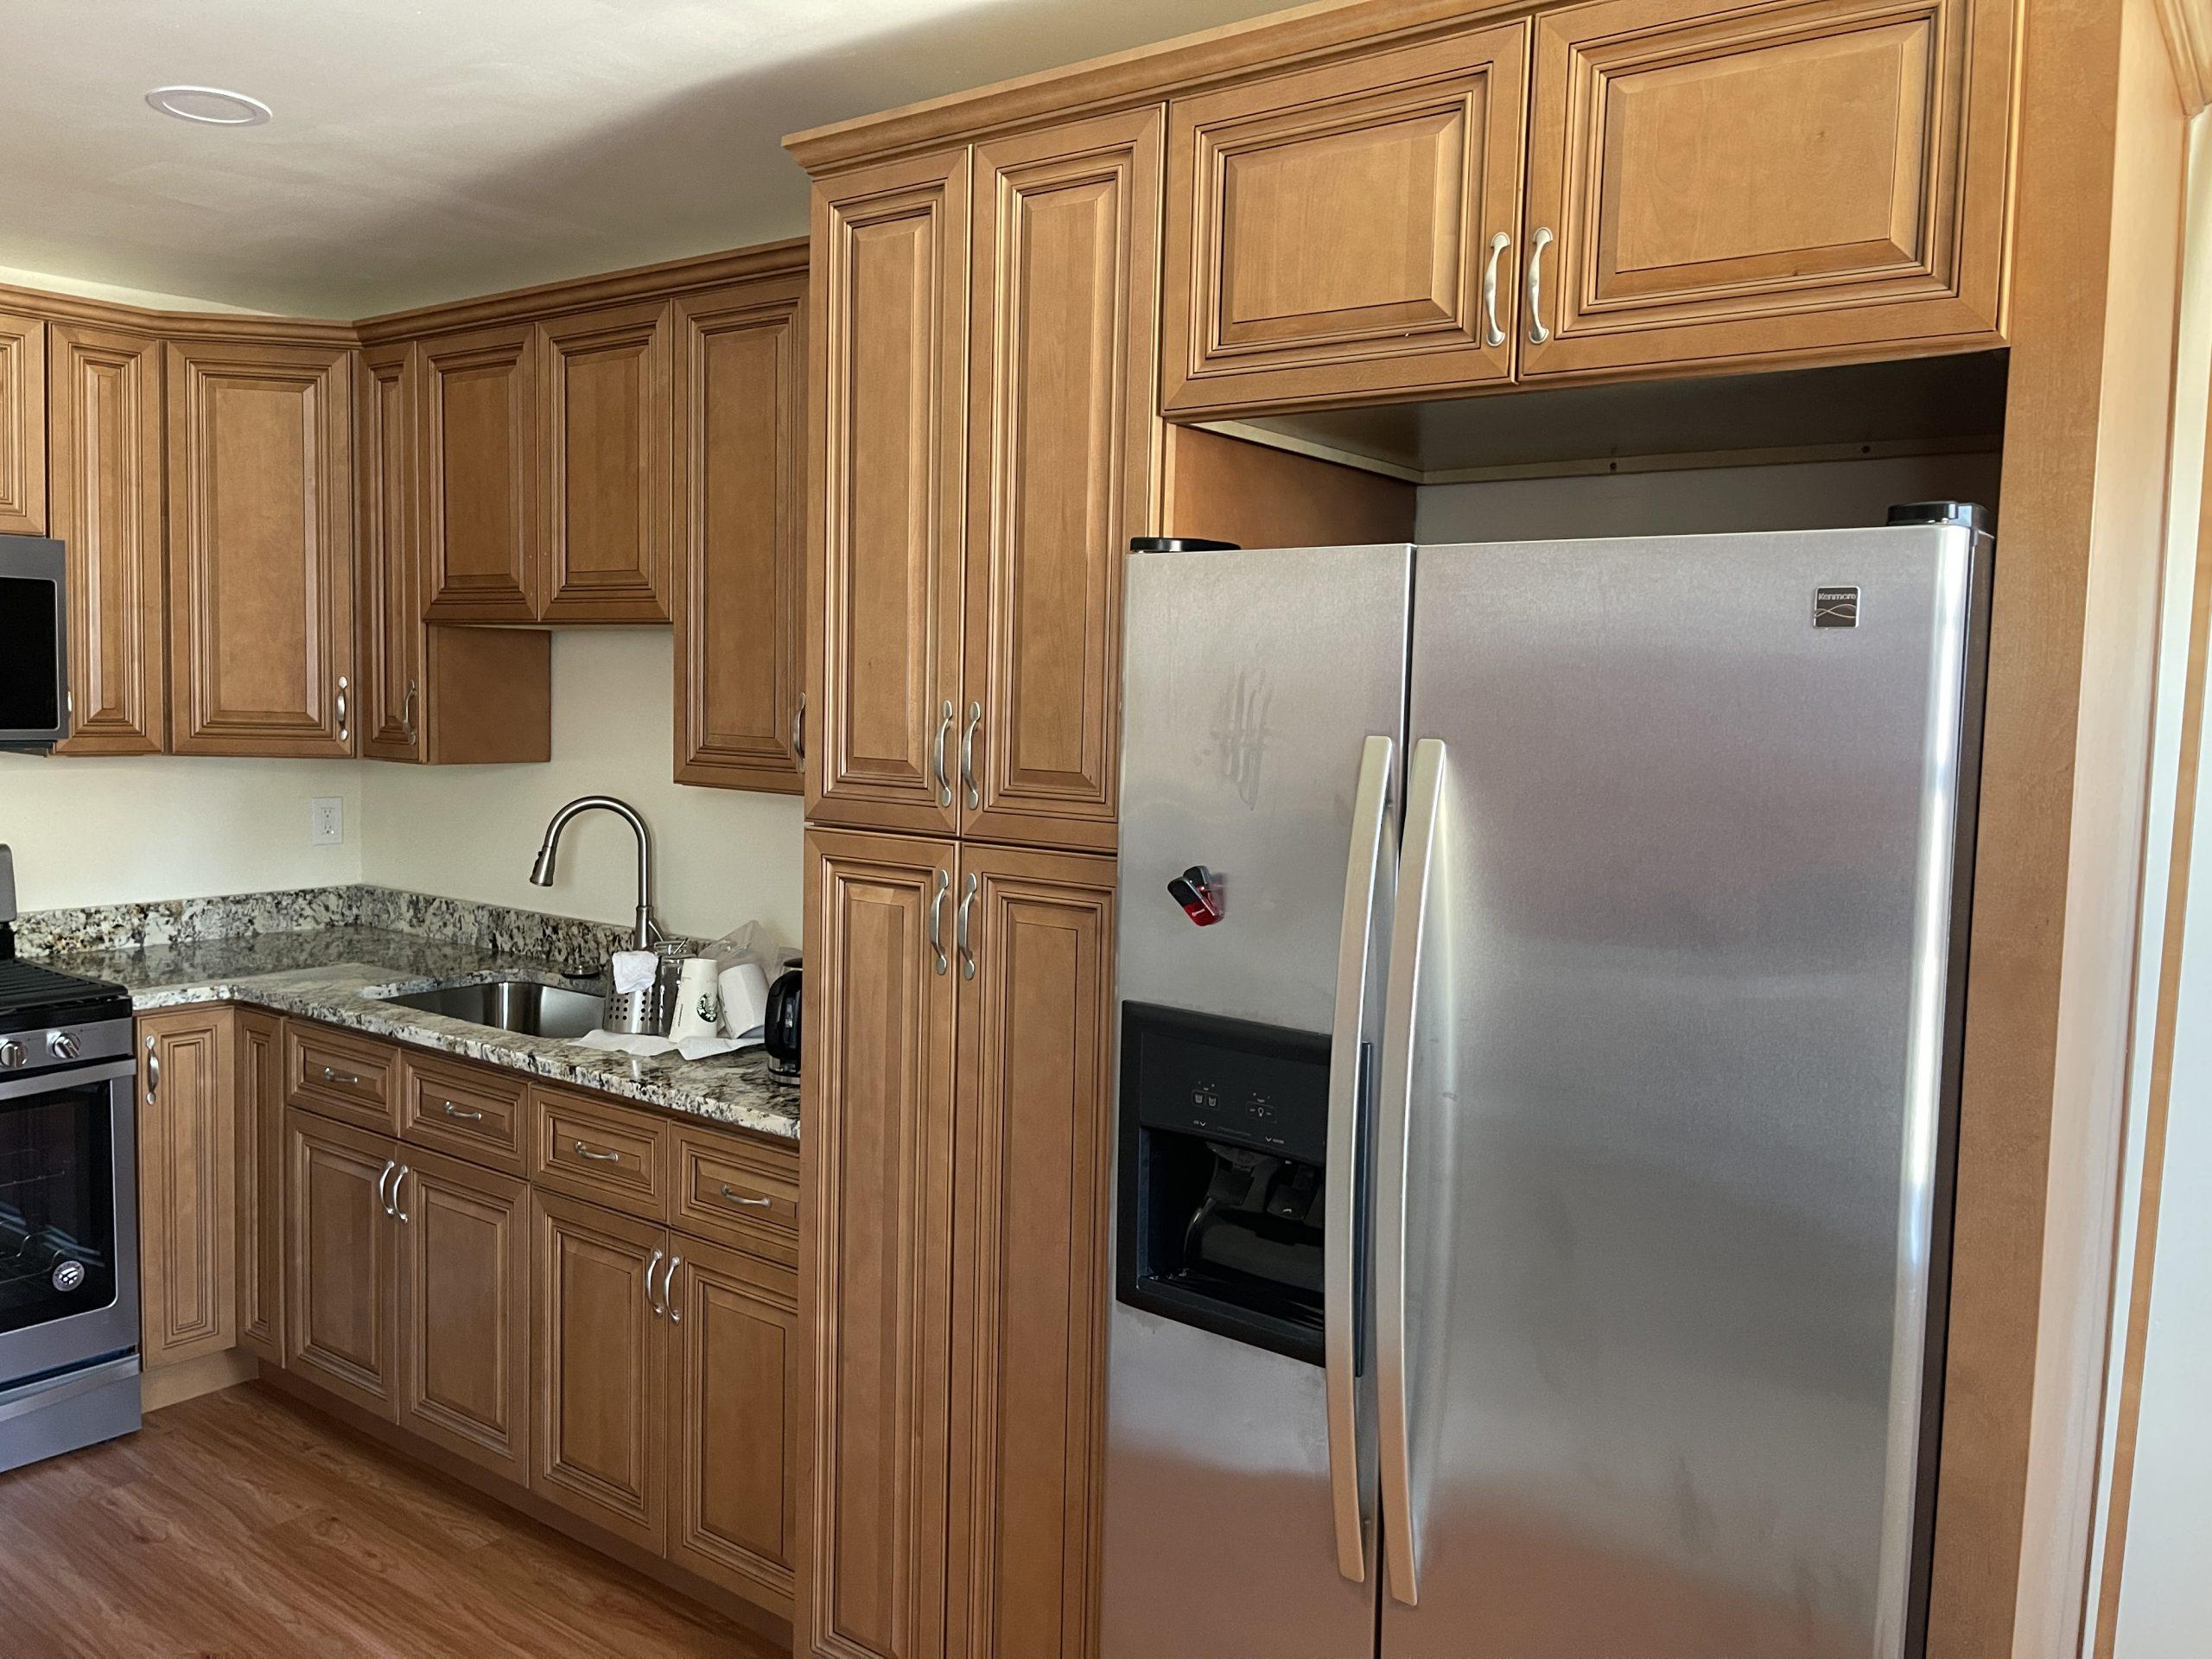 Feltonville kitchen after remodel 3